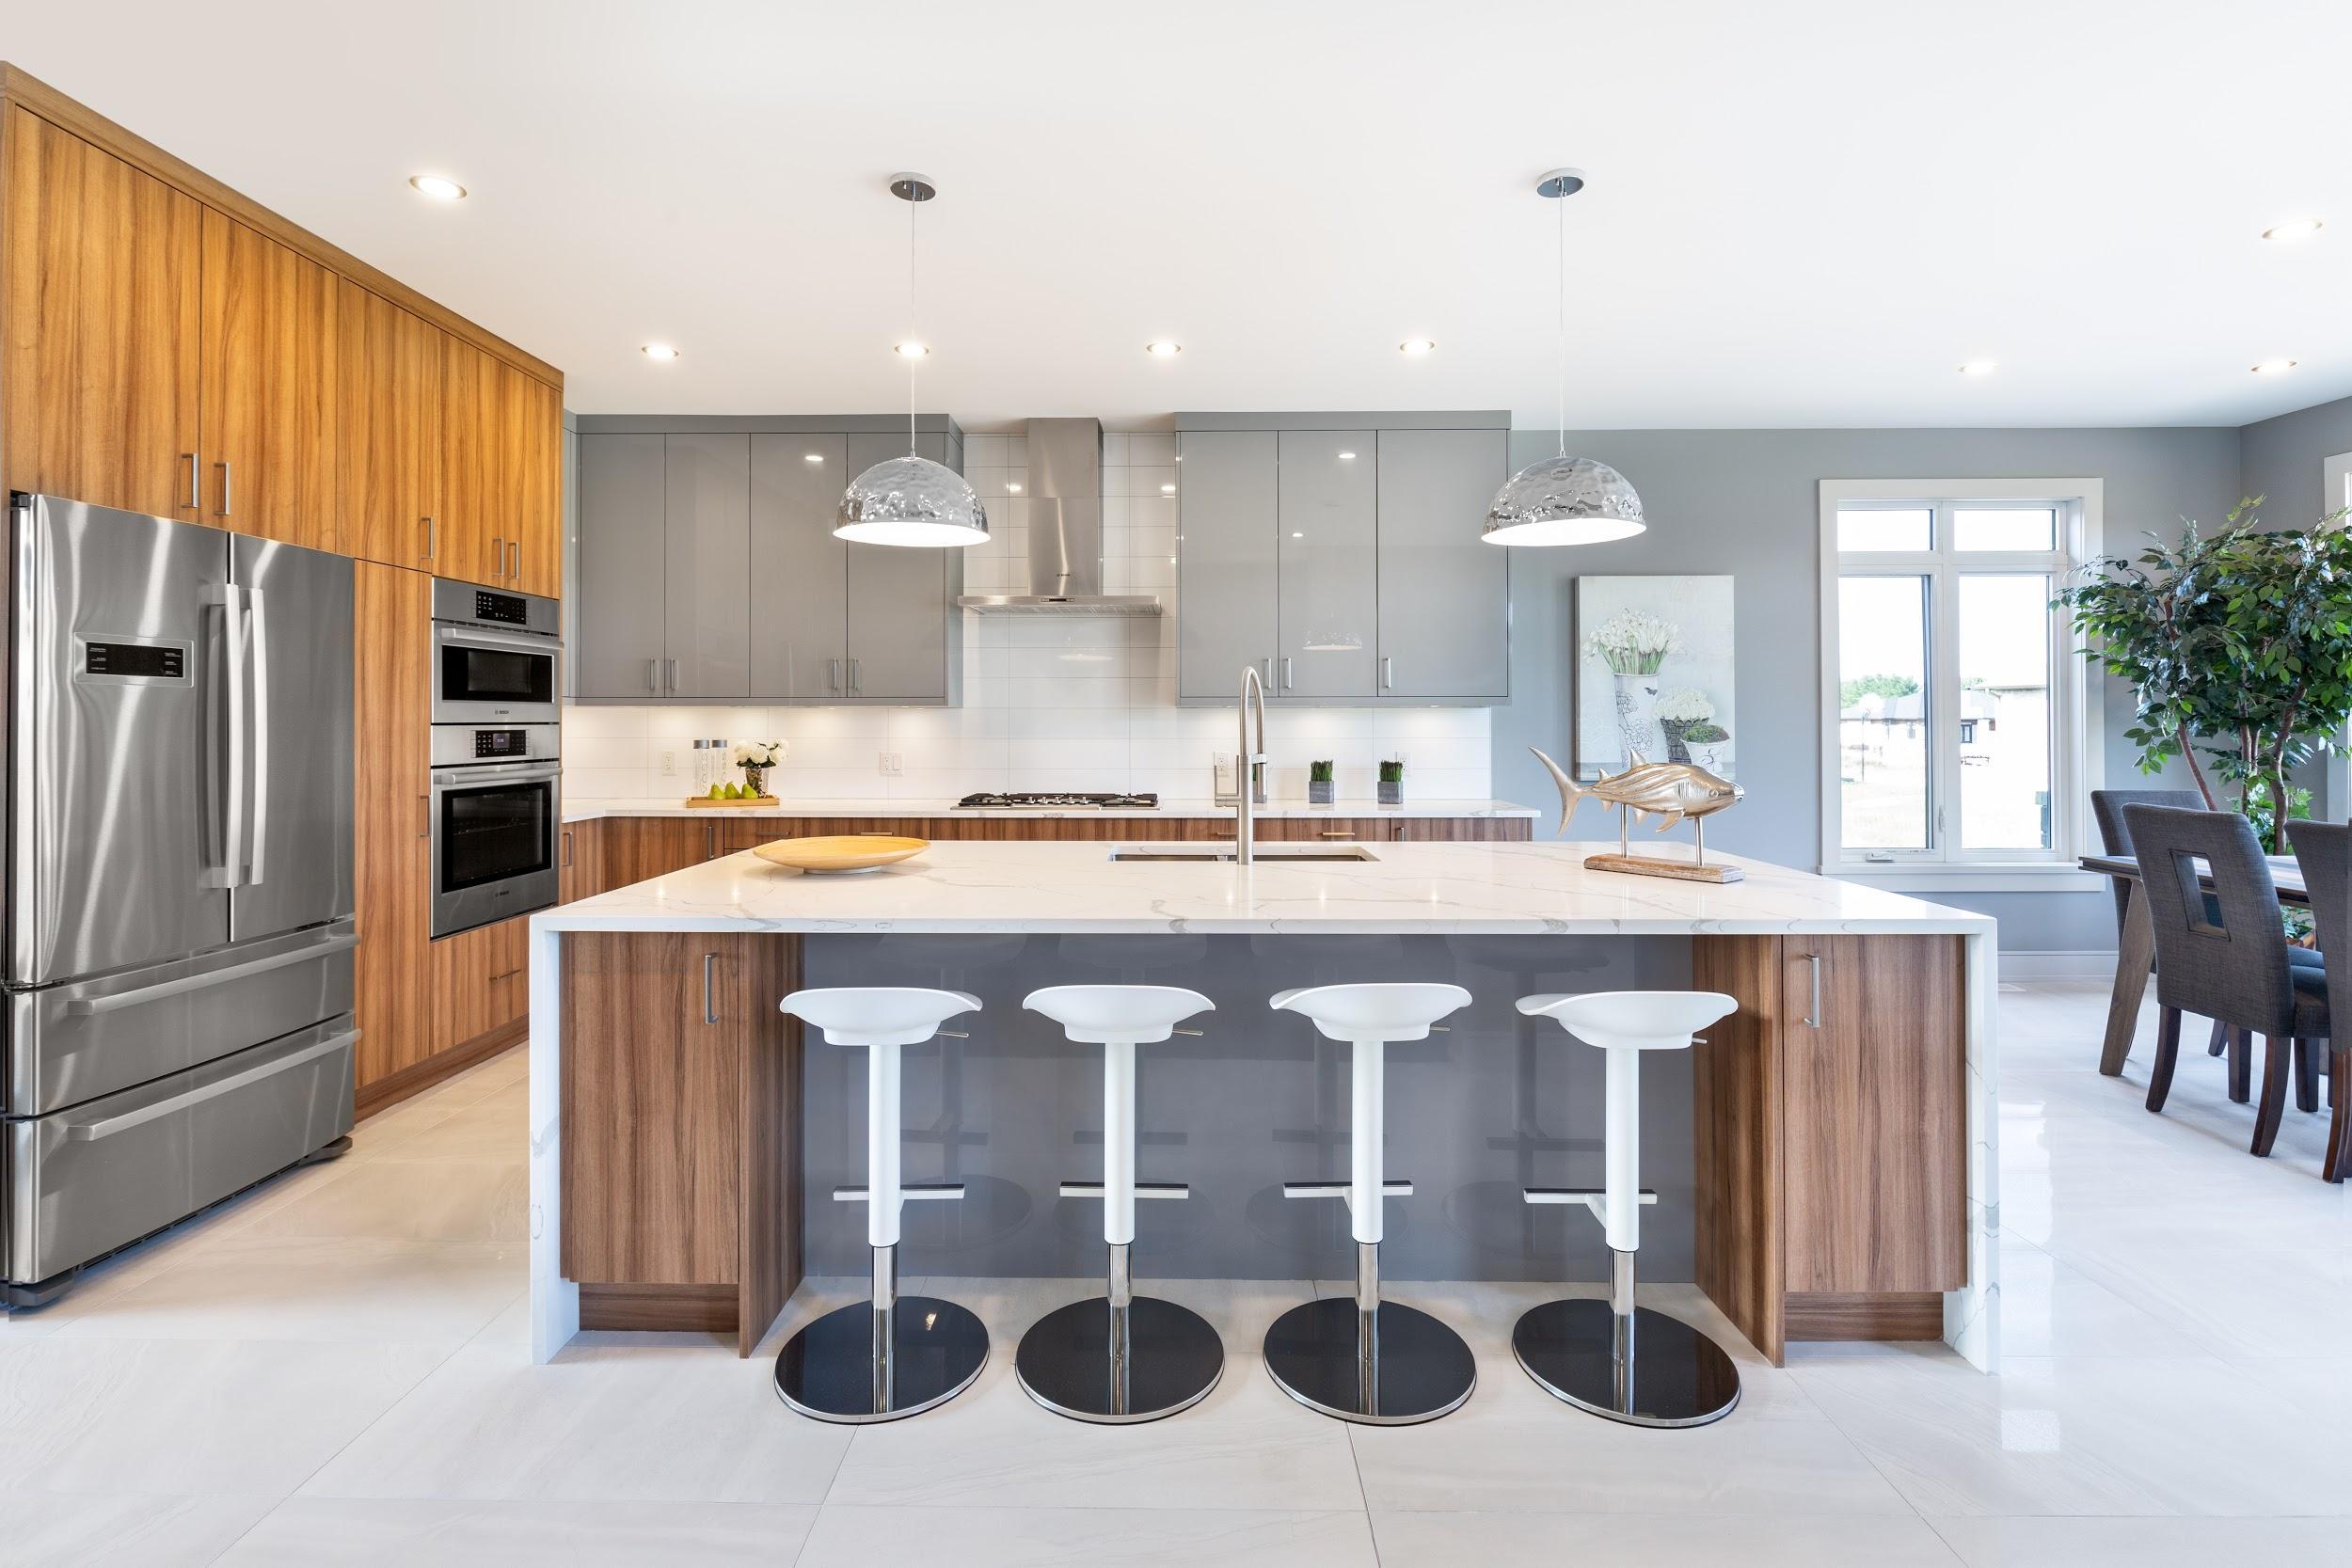 Custom Home Chef Kitchen